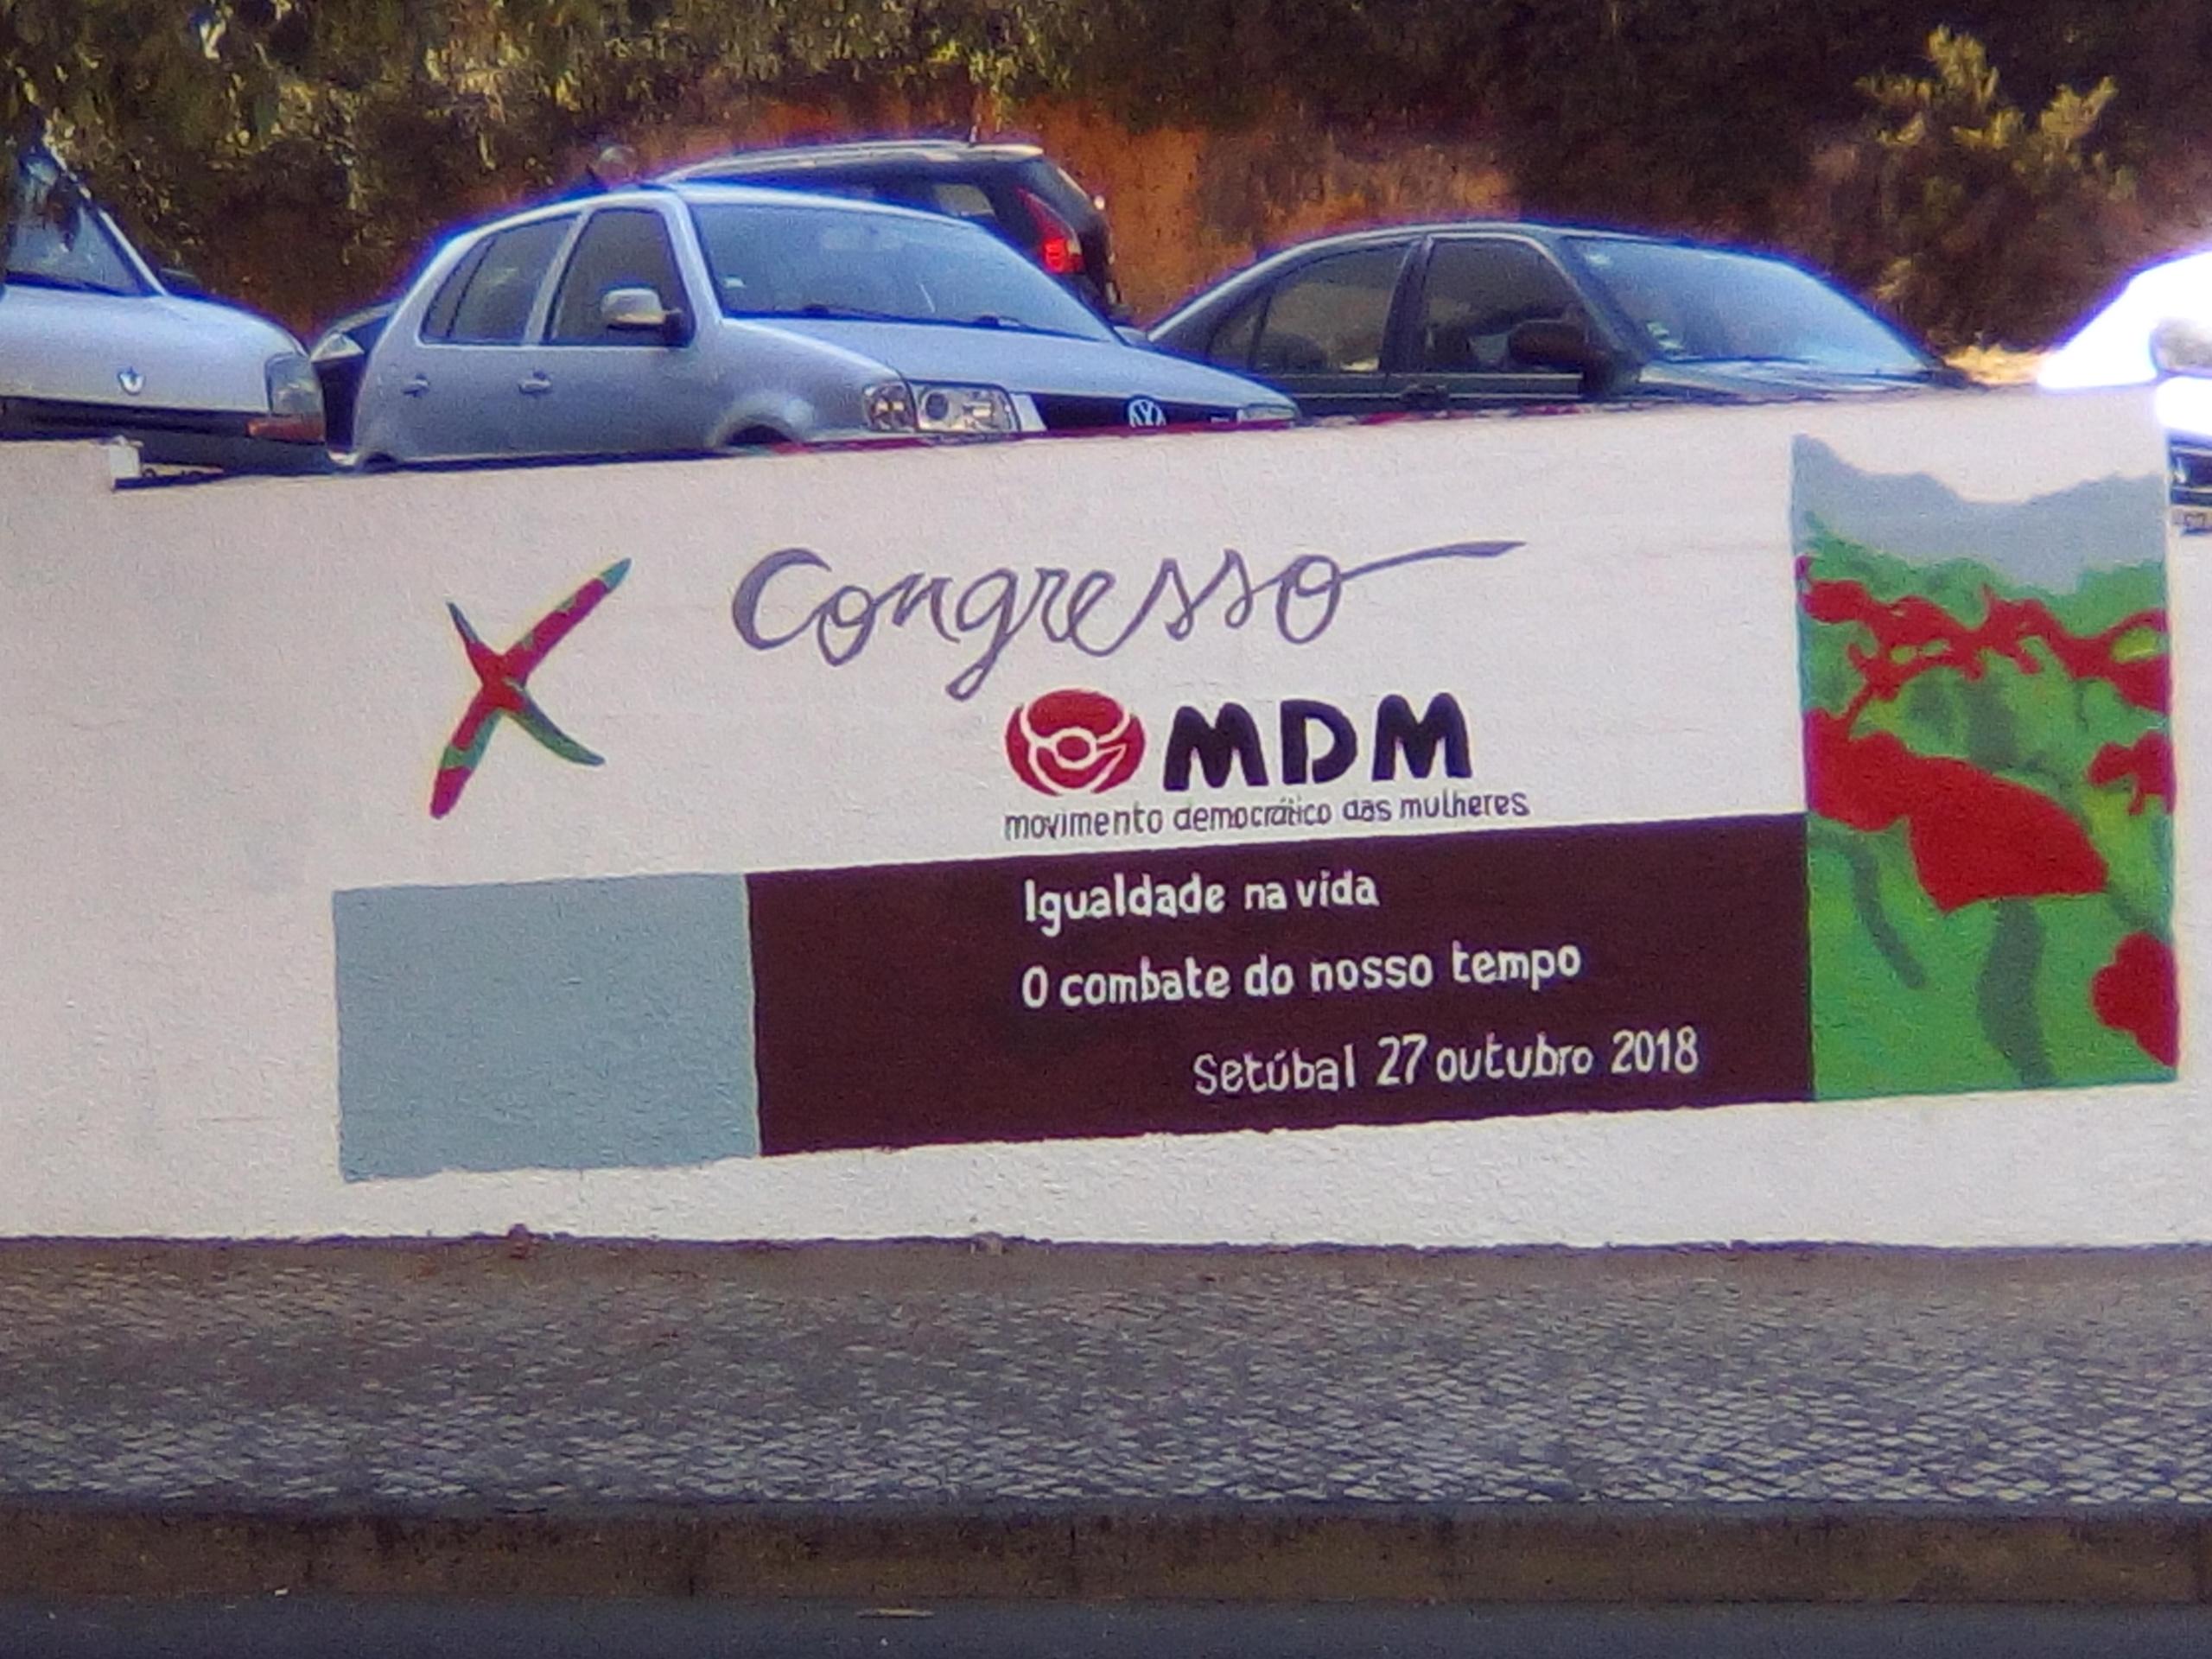 O X Congresso do MDM nas paredes de Almada